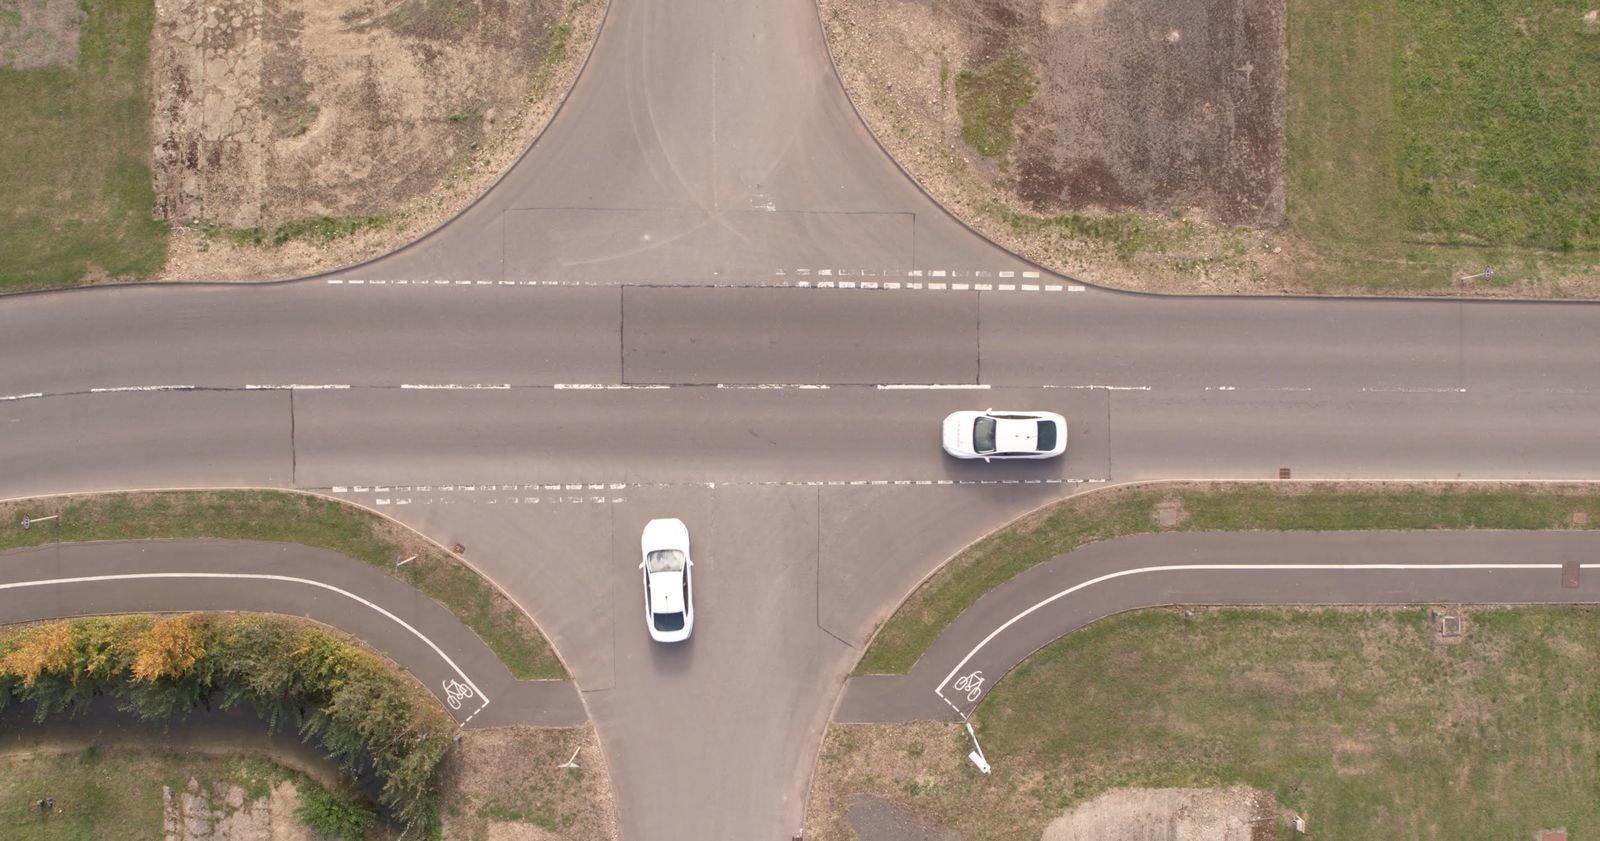 فورد در صدد حذف چراغهای راهنمایی از خیابانها